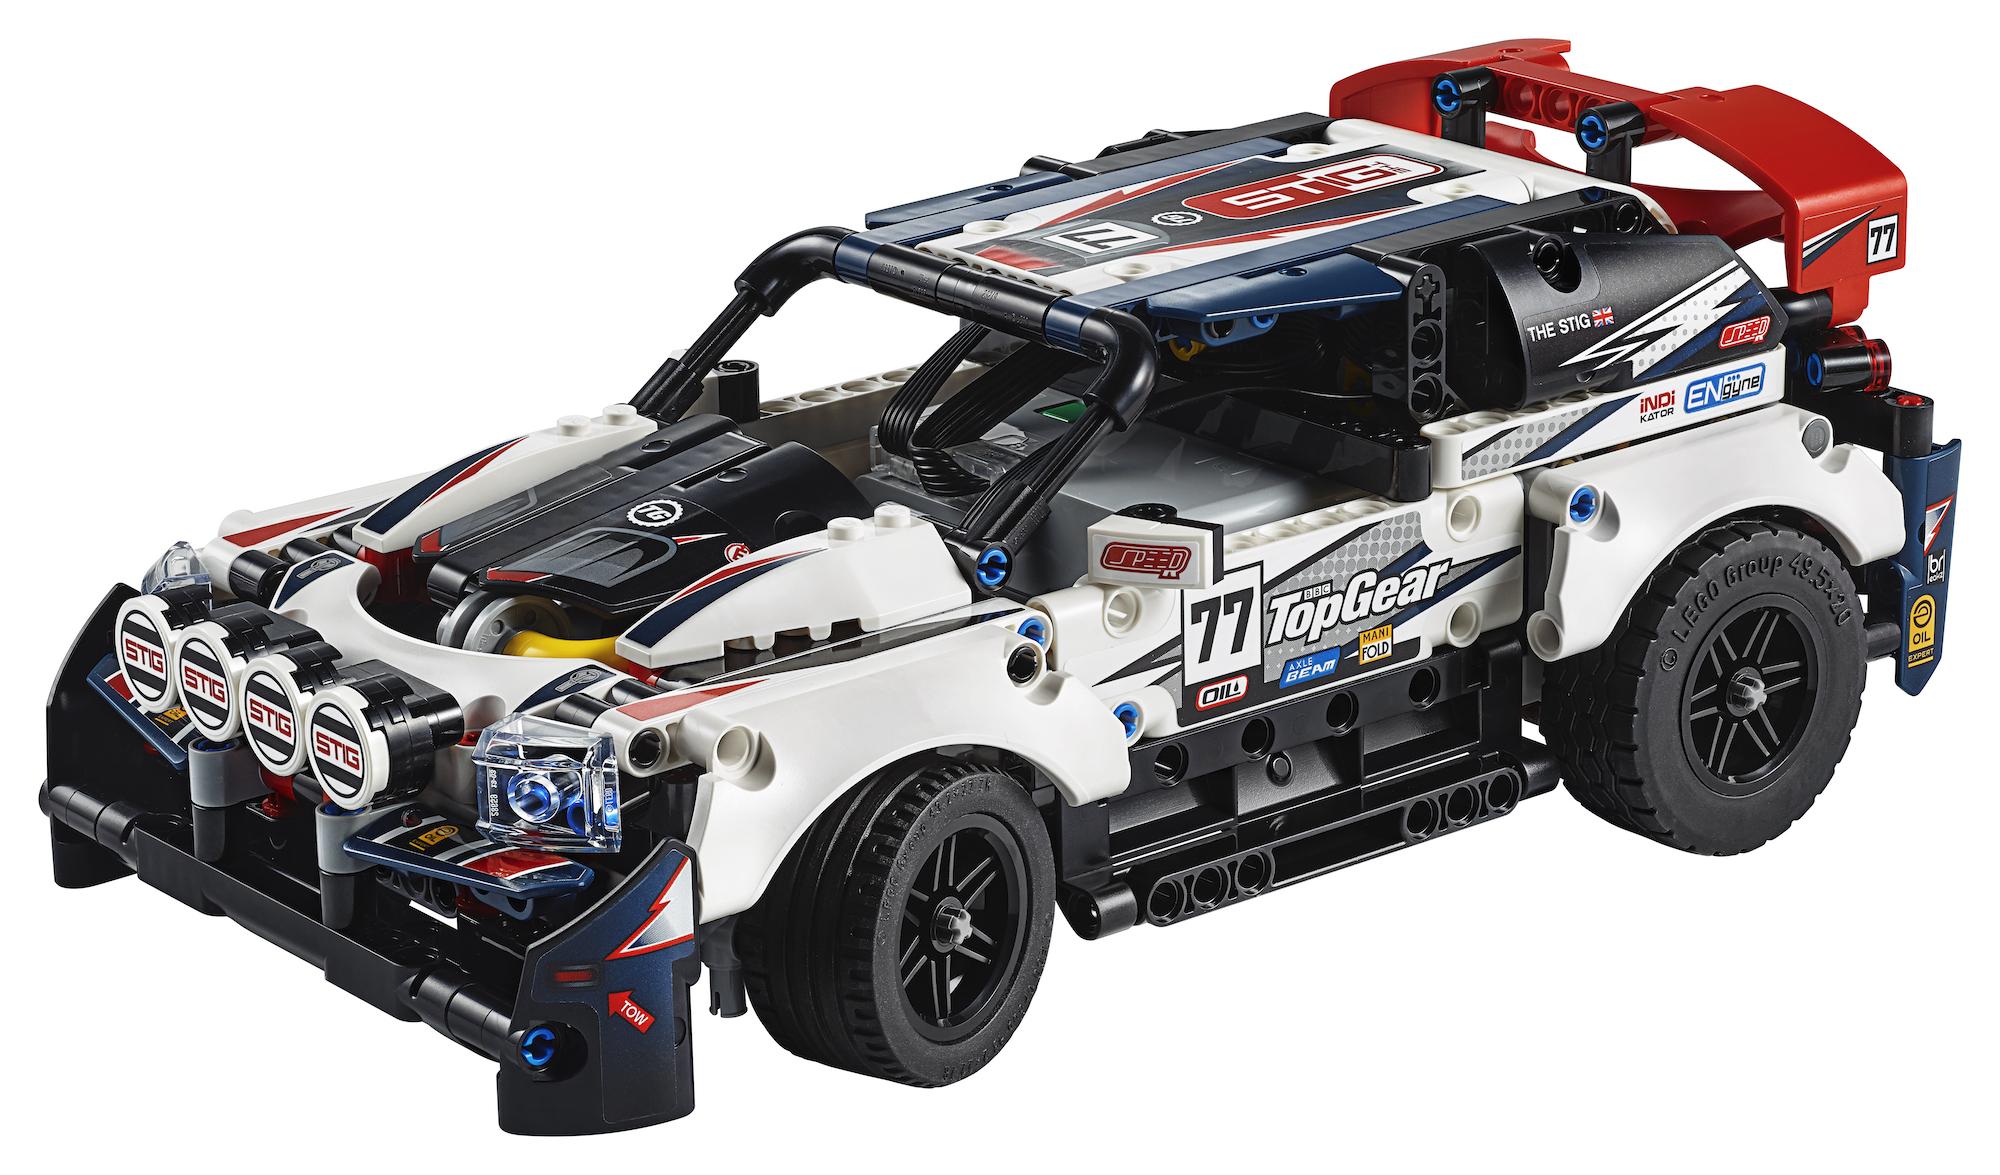 lego-technic-top-gear-rally-car-3.jpg